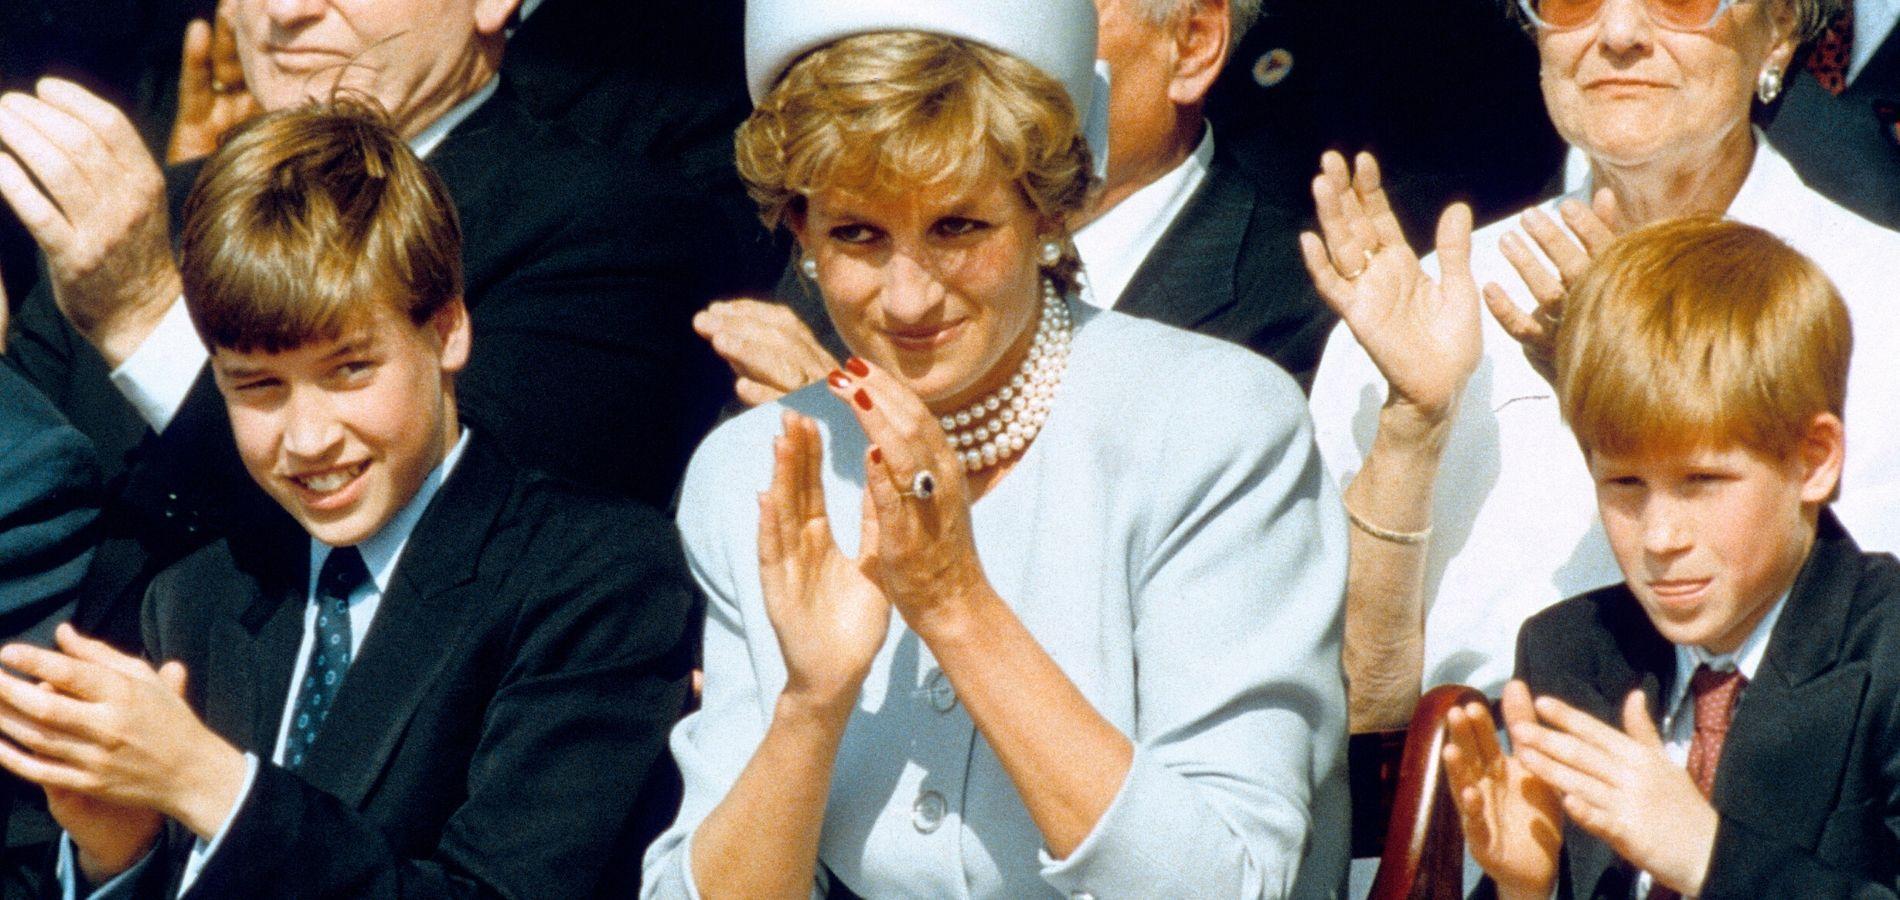 Hommage à leur mère, la statue de Lady Diana divise les princes Harry et William